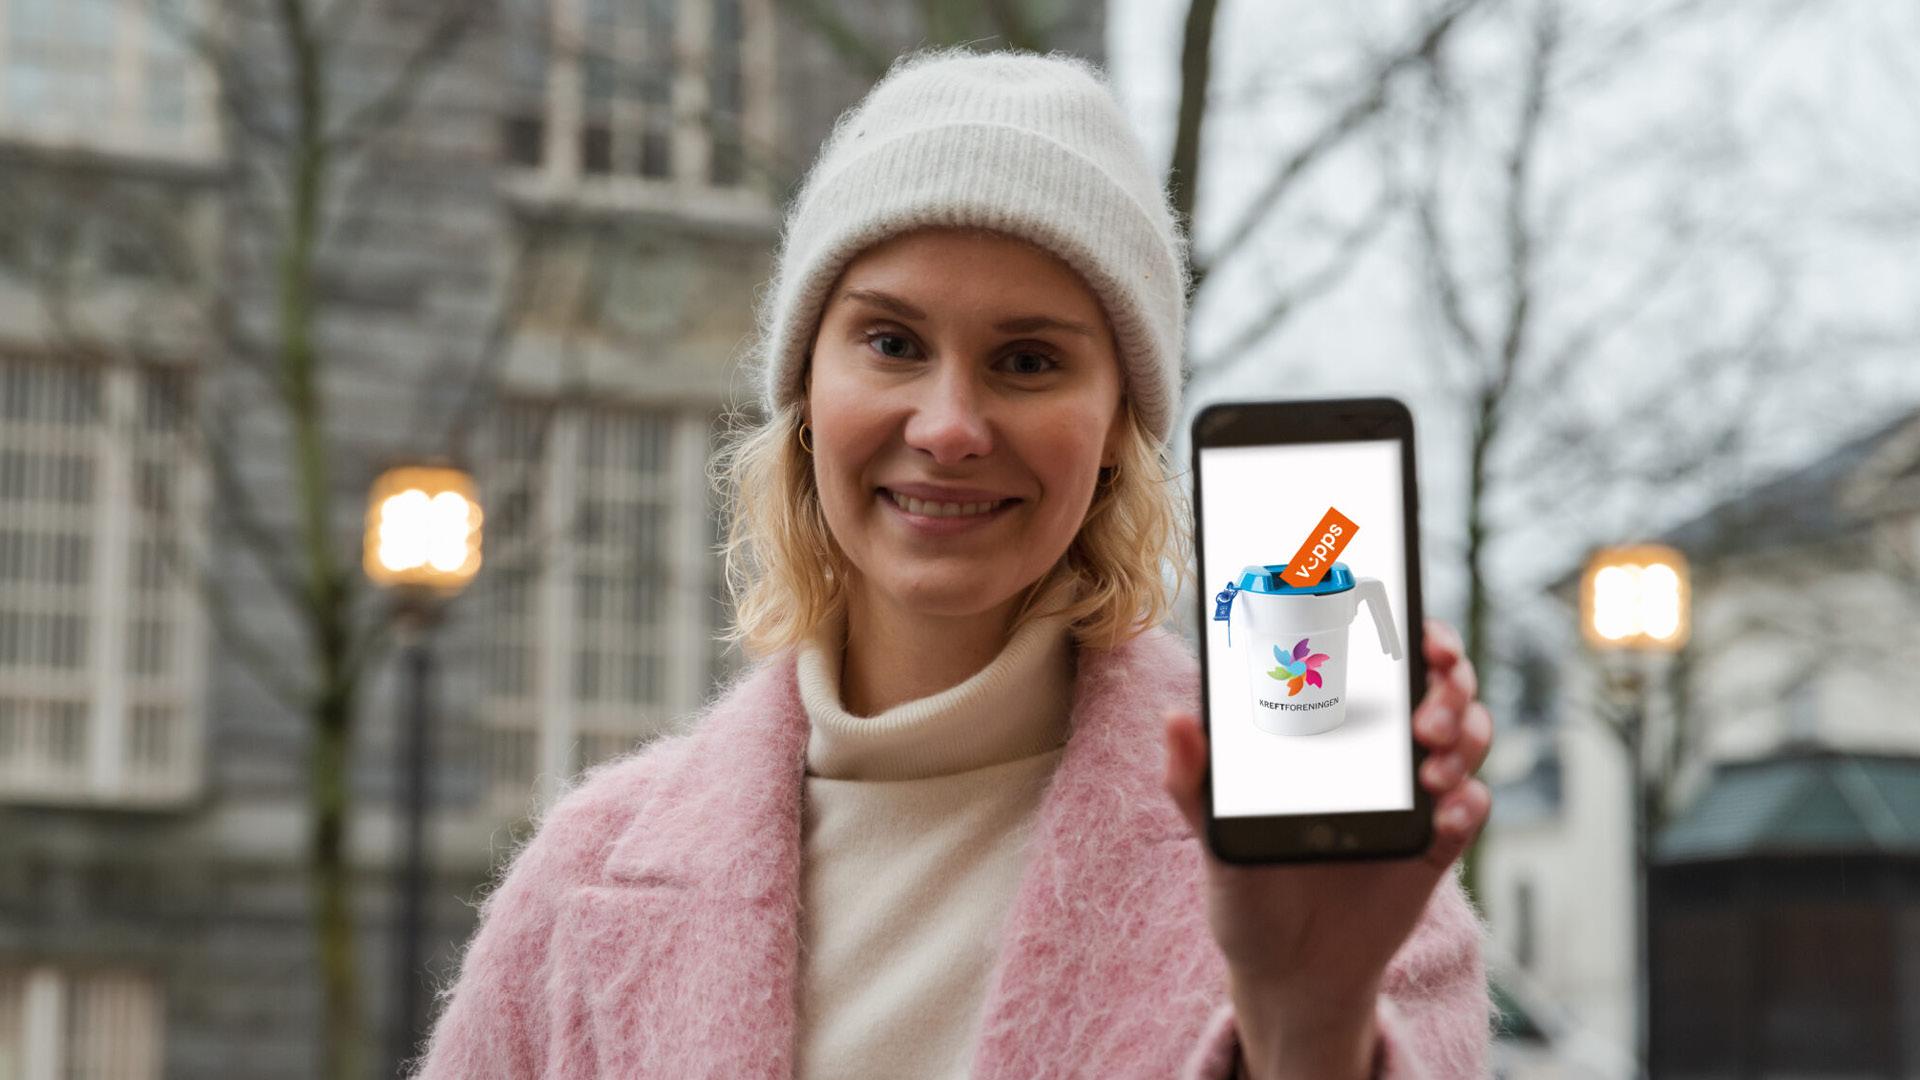 Bilde av dame som holder telefon med bilde av digitalbøsse